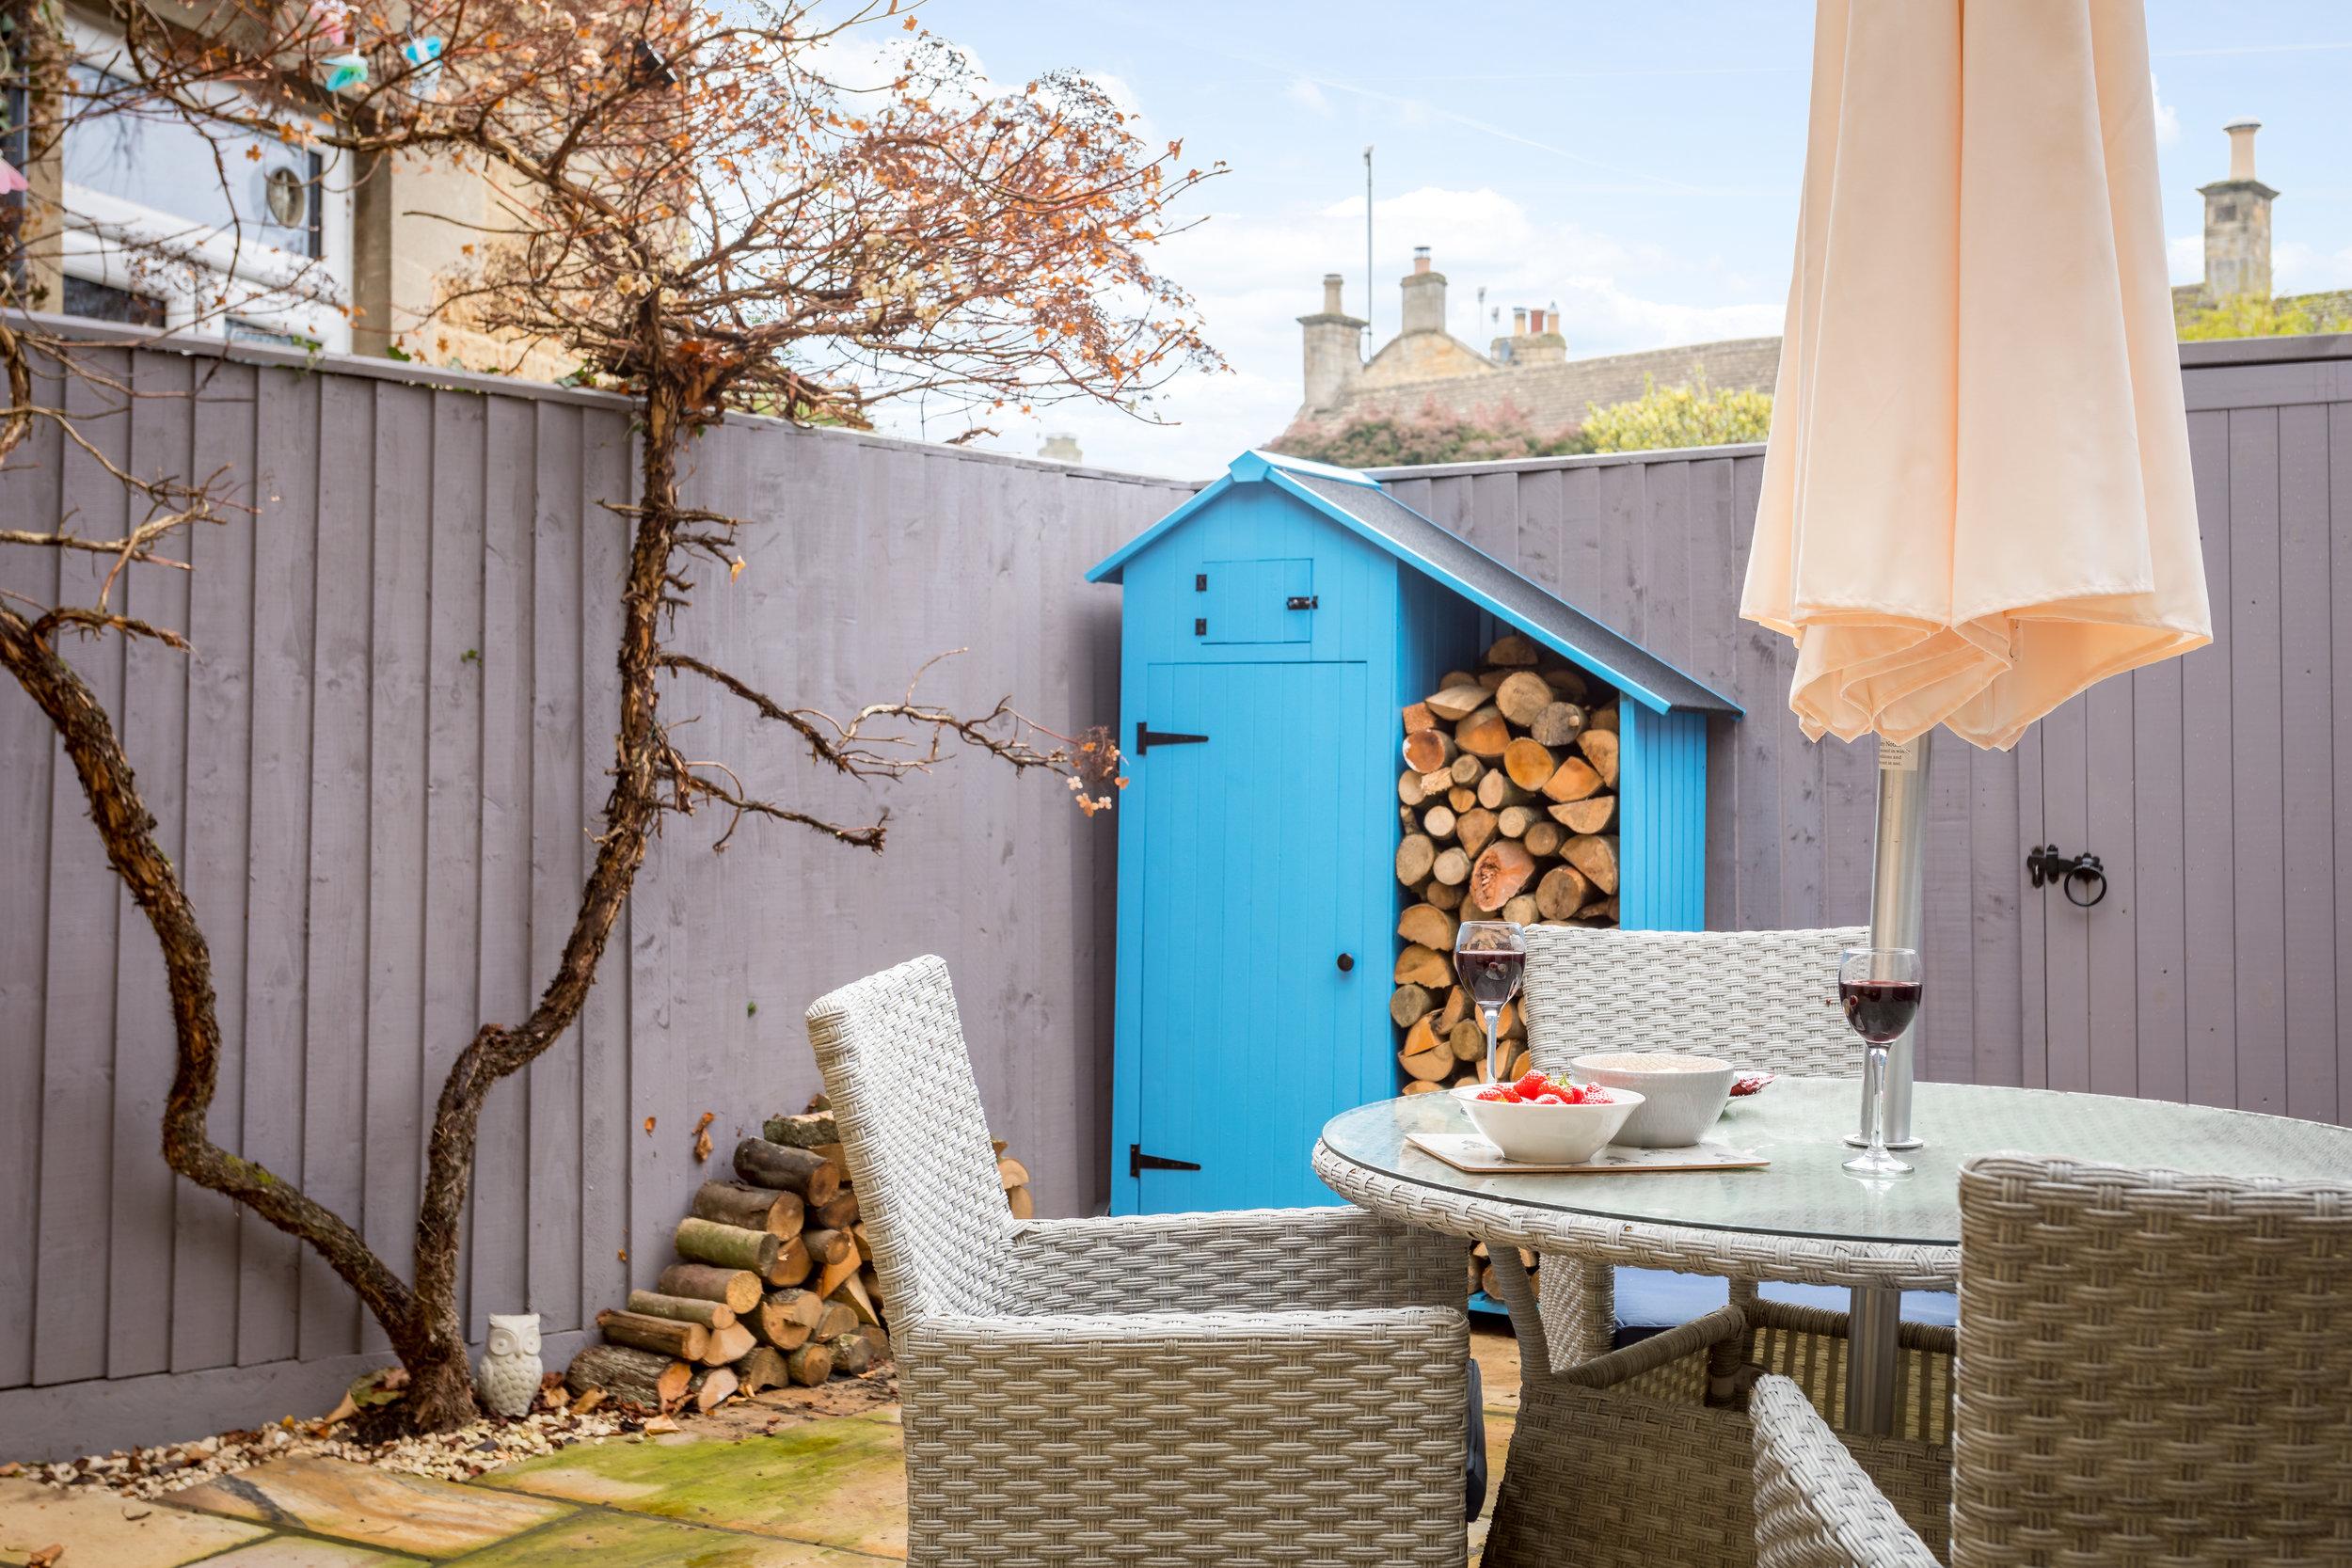 10 - Little Gem Cottage - Bourton-on-the-Water - Full.jpg